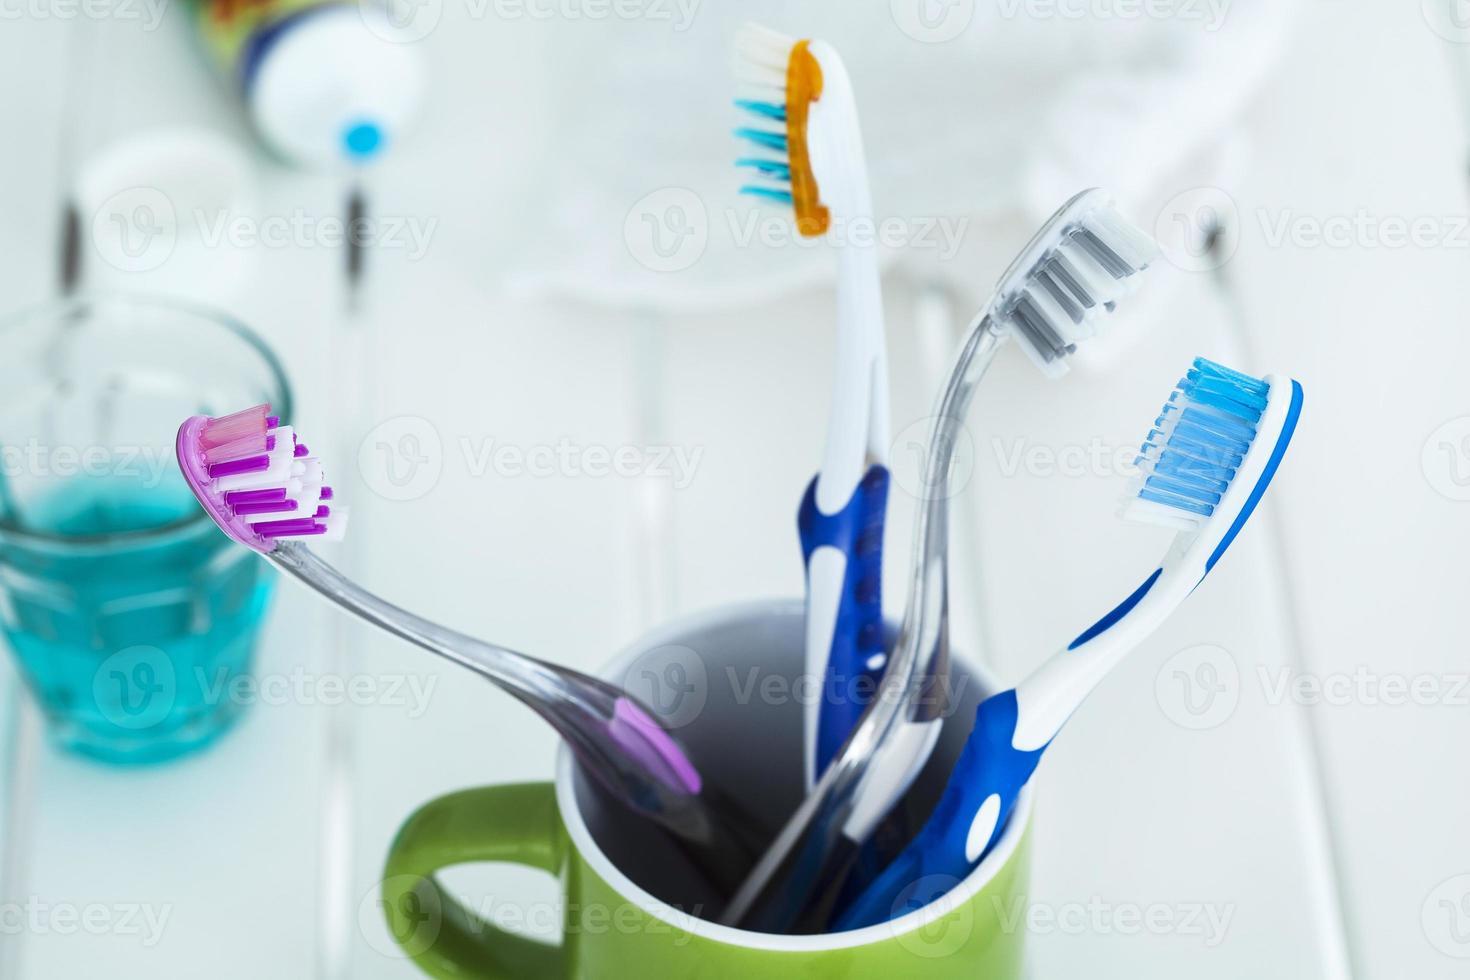 escovas de dente em vidro na mesa foto